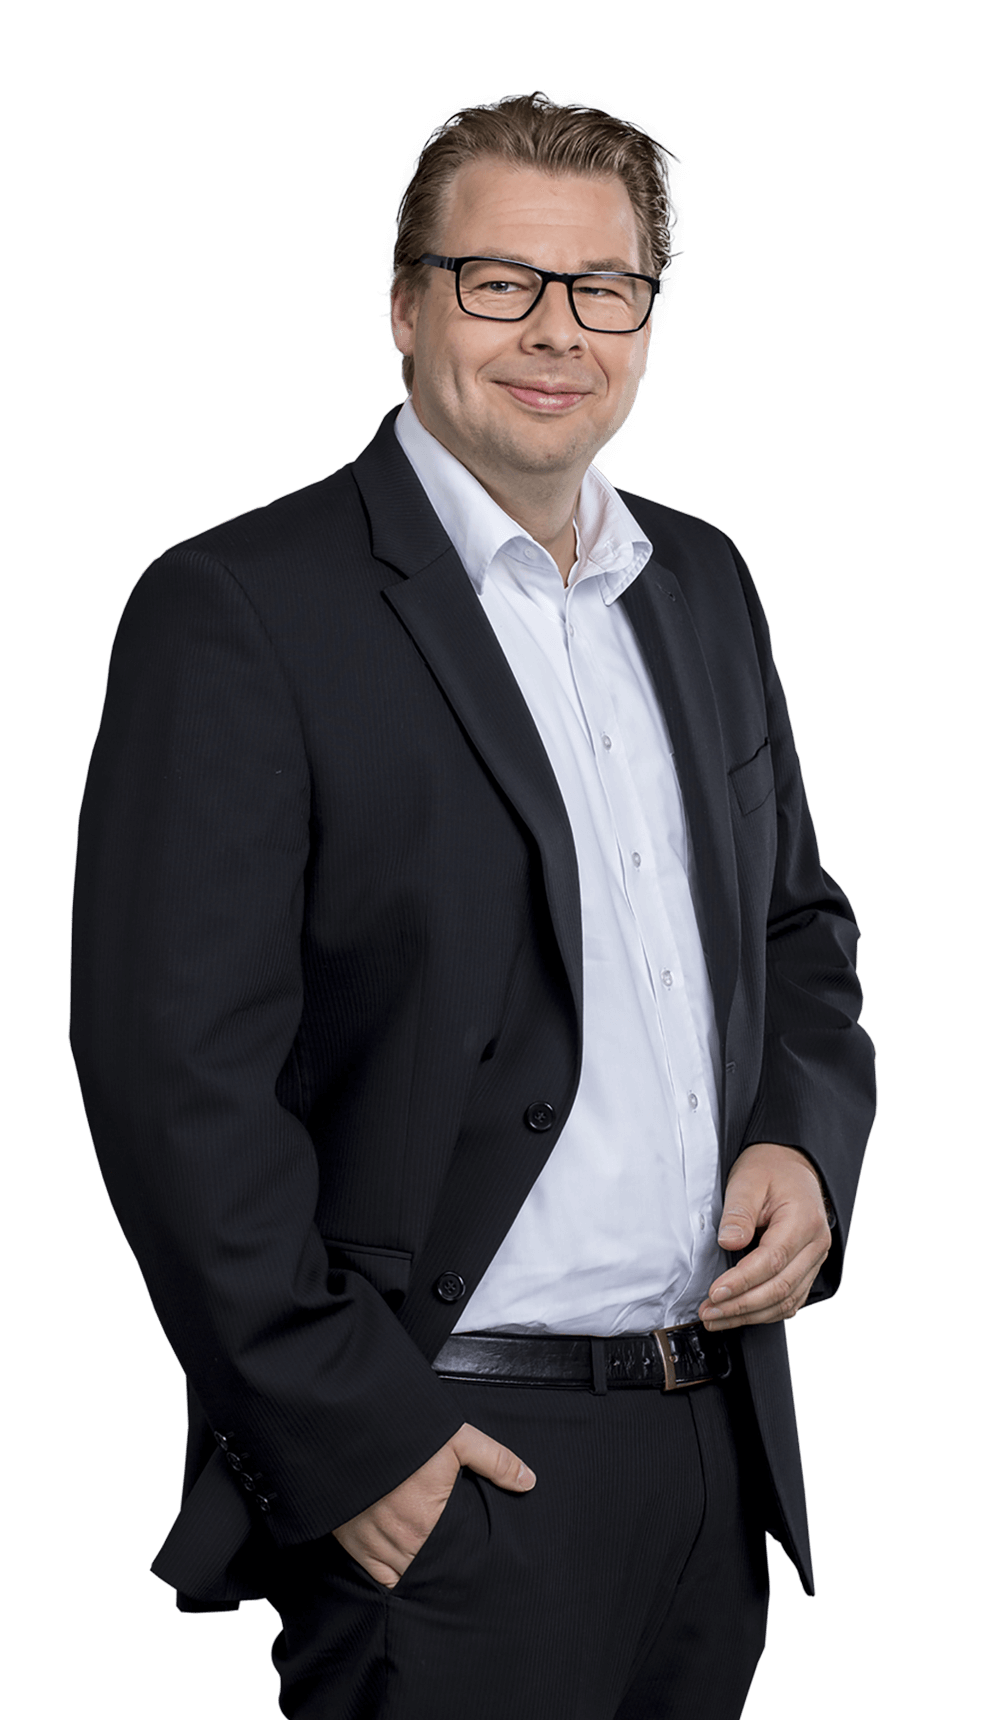 Werner Amelsberg